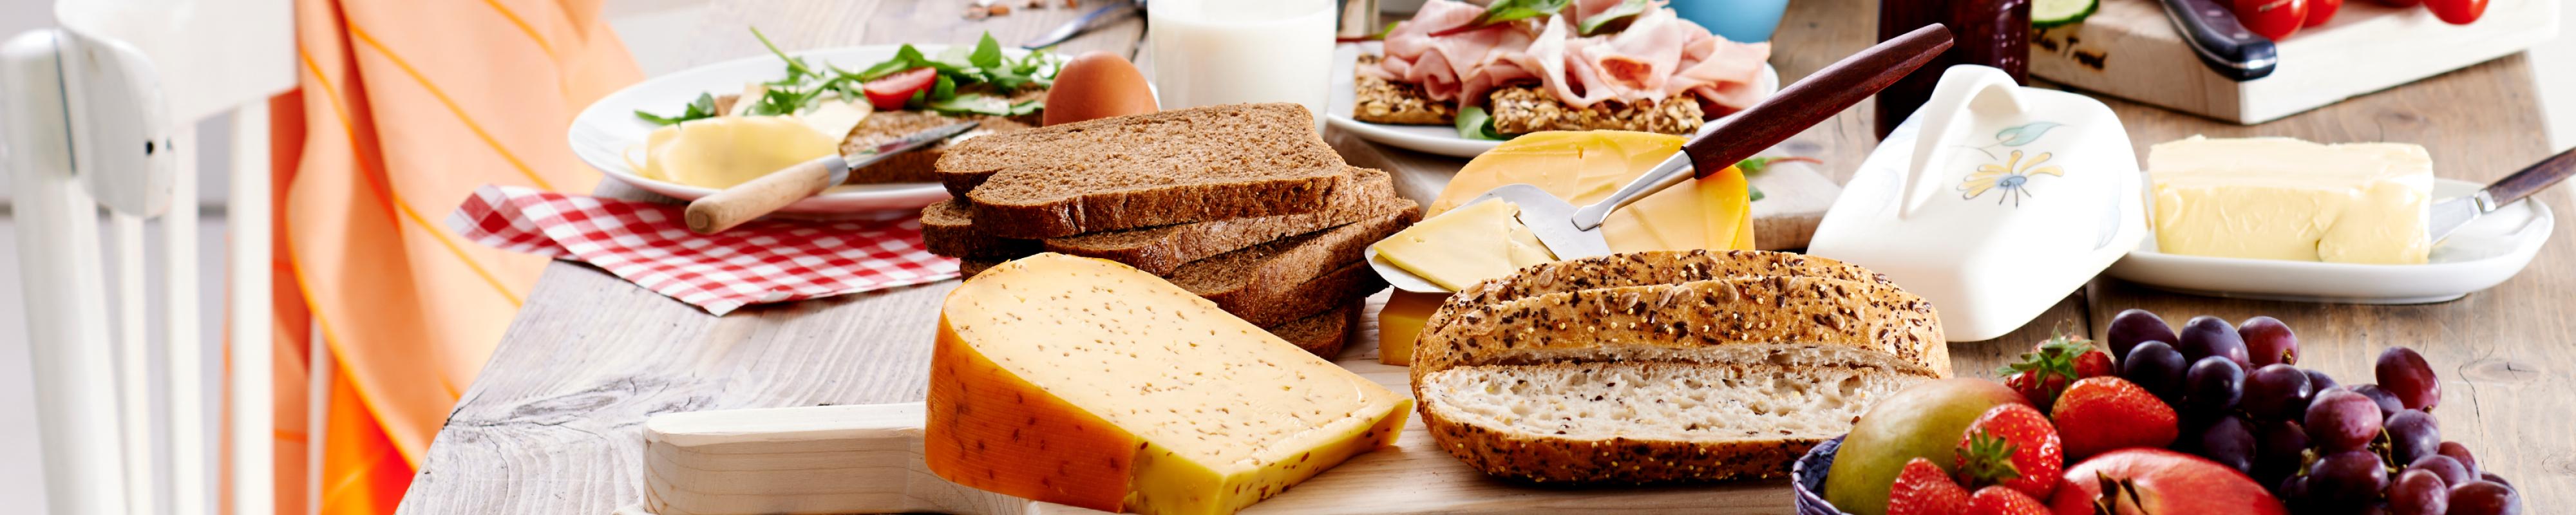 Lunch met boter, kaas en ander beleg